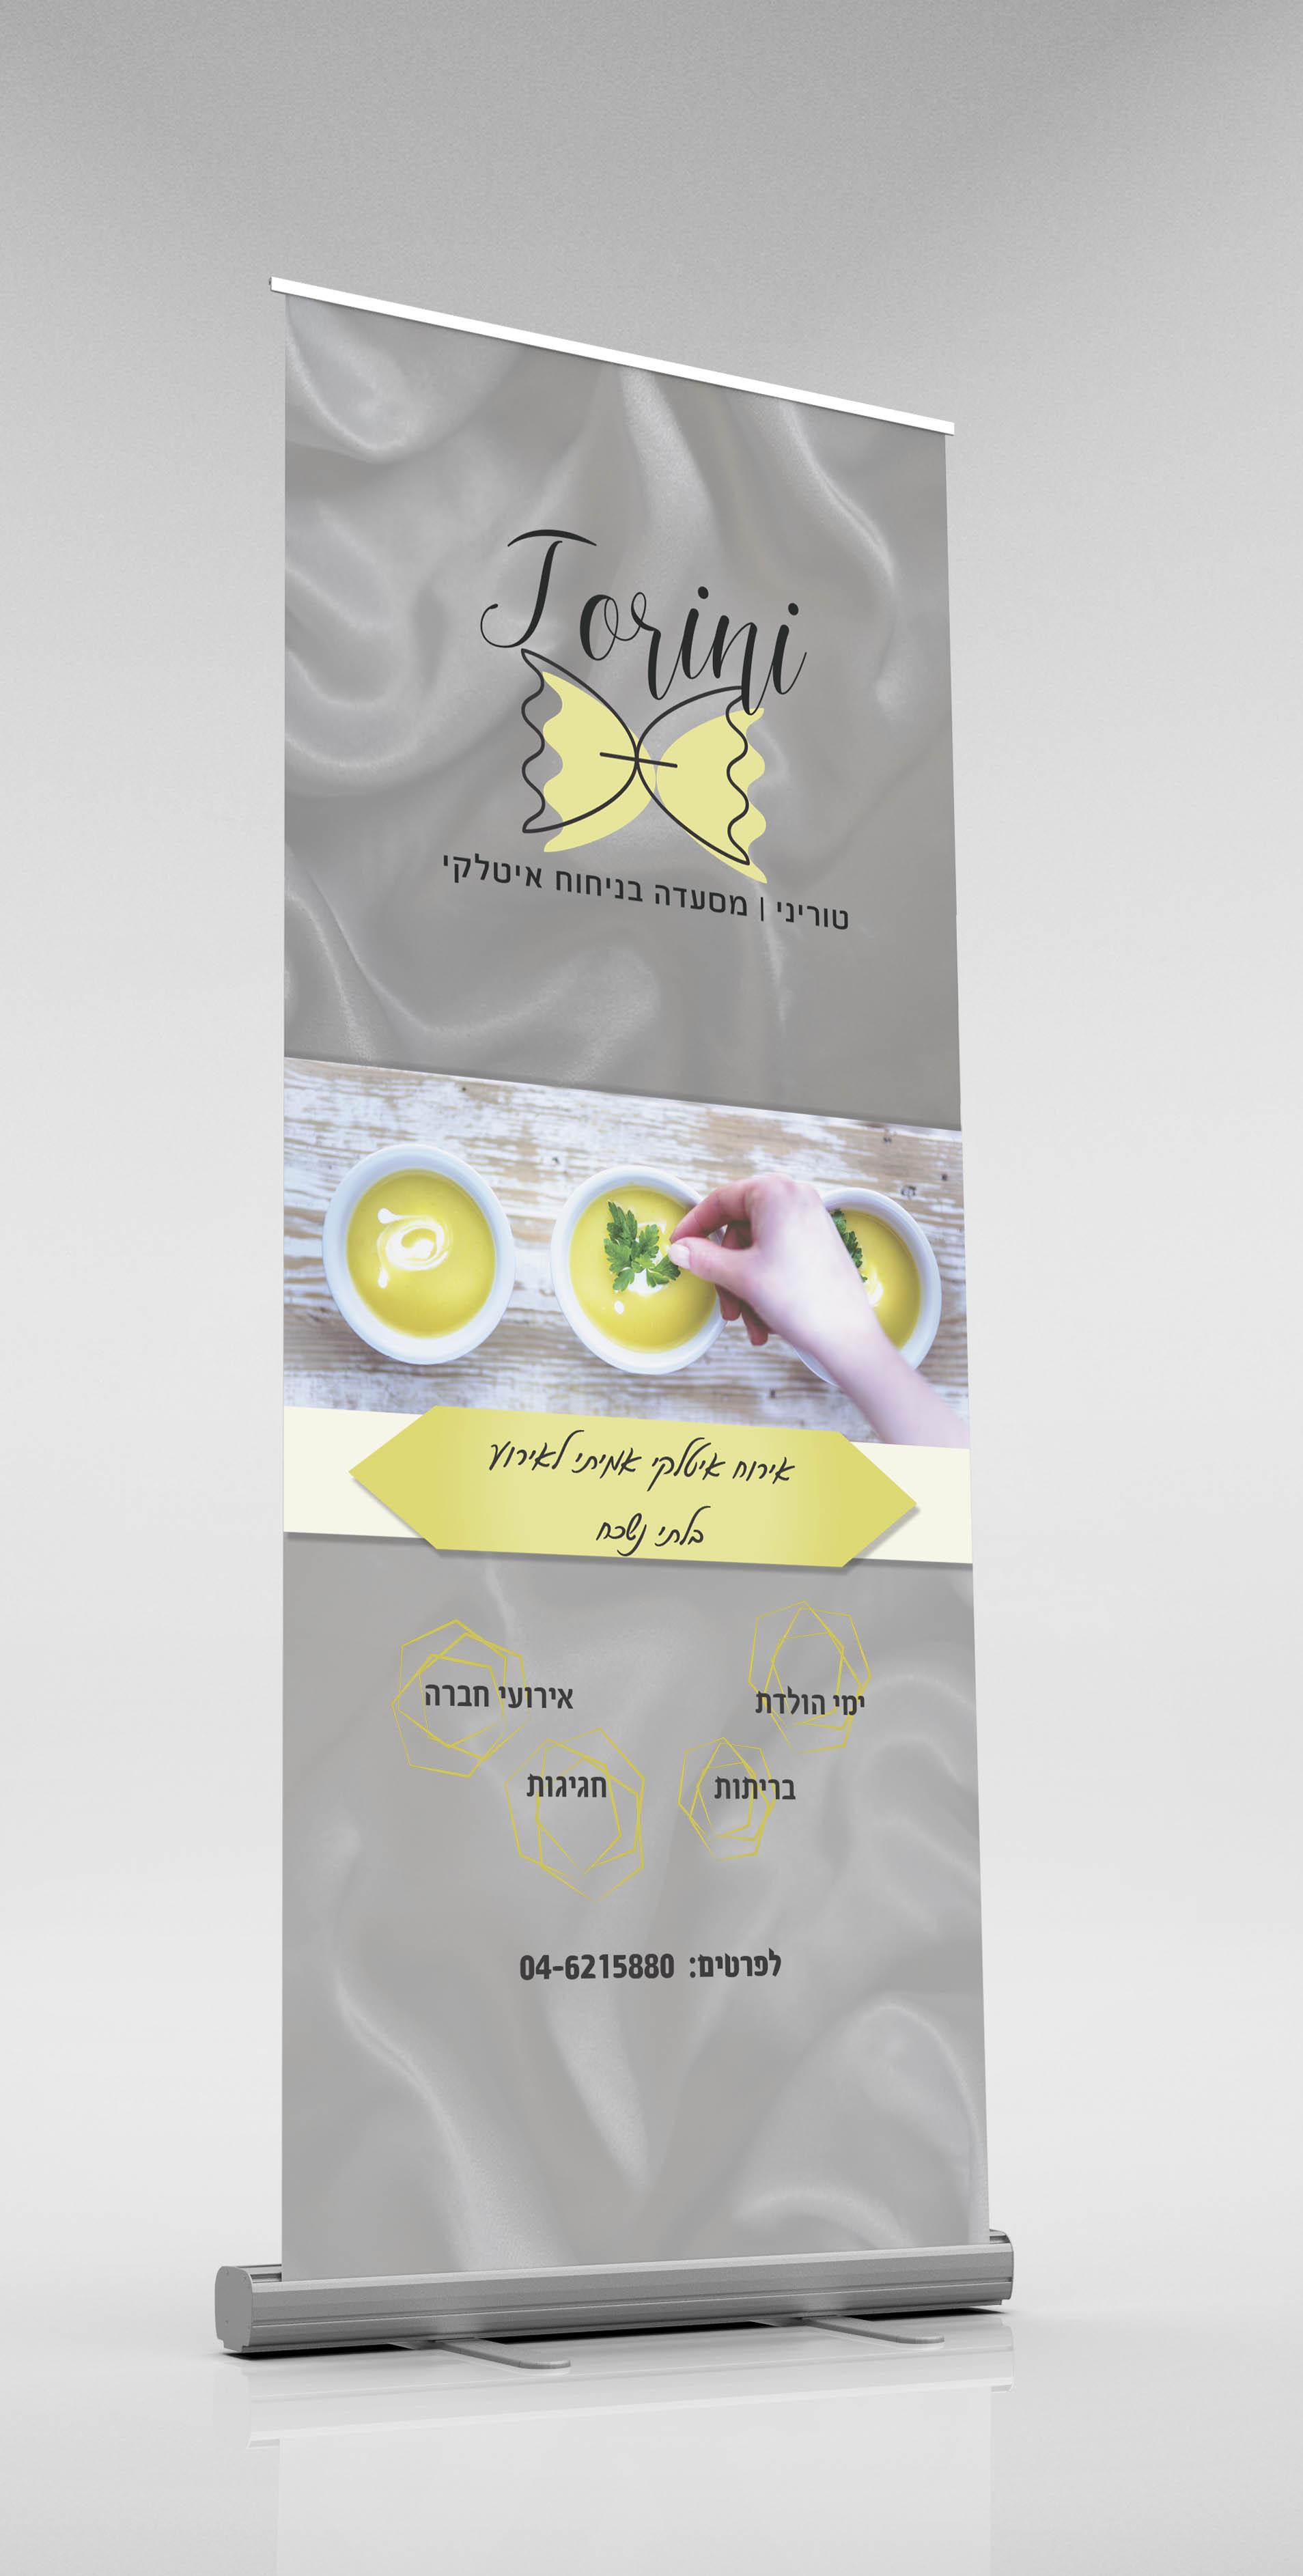 עיצוב רולאפ - רבקה צינמן